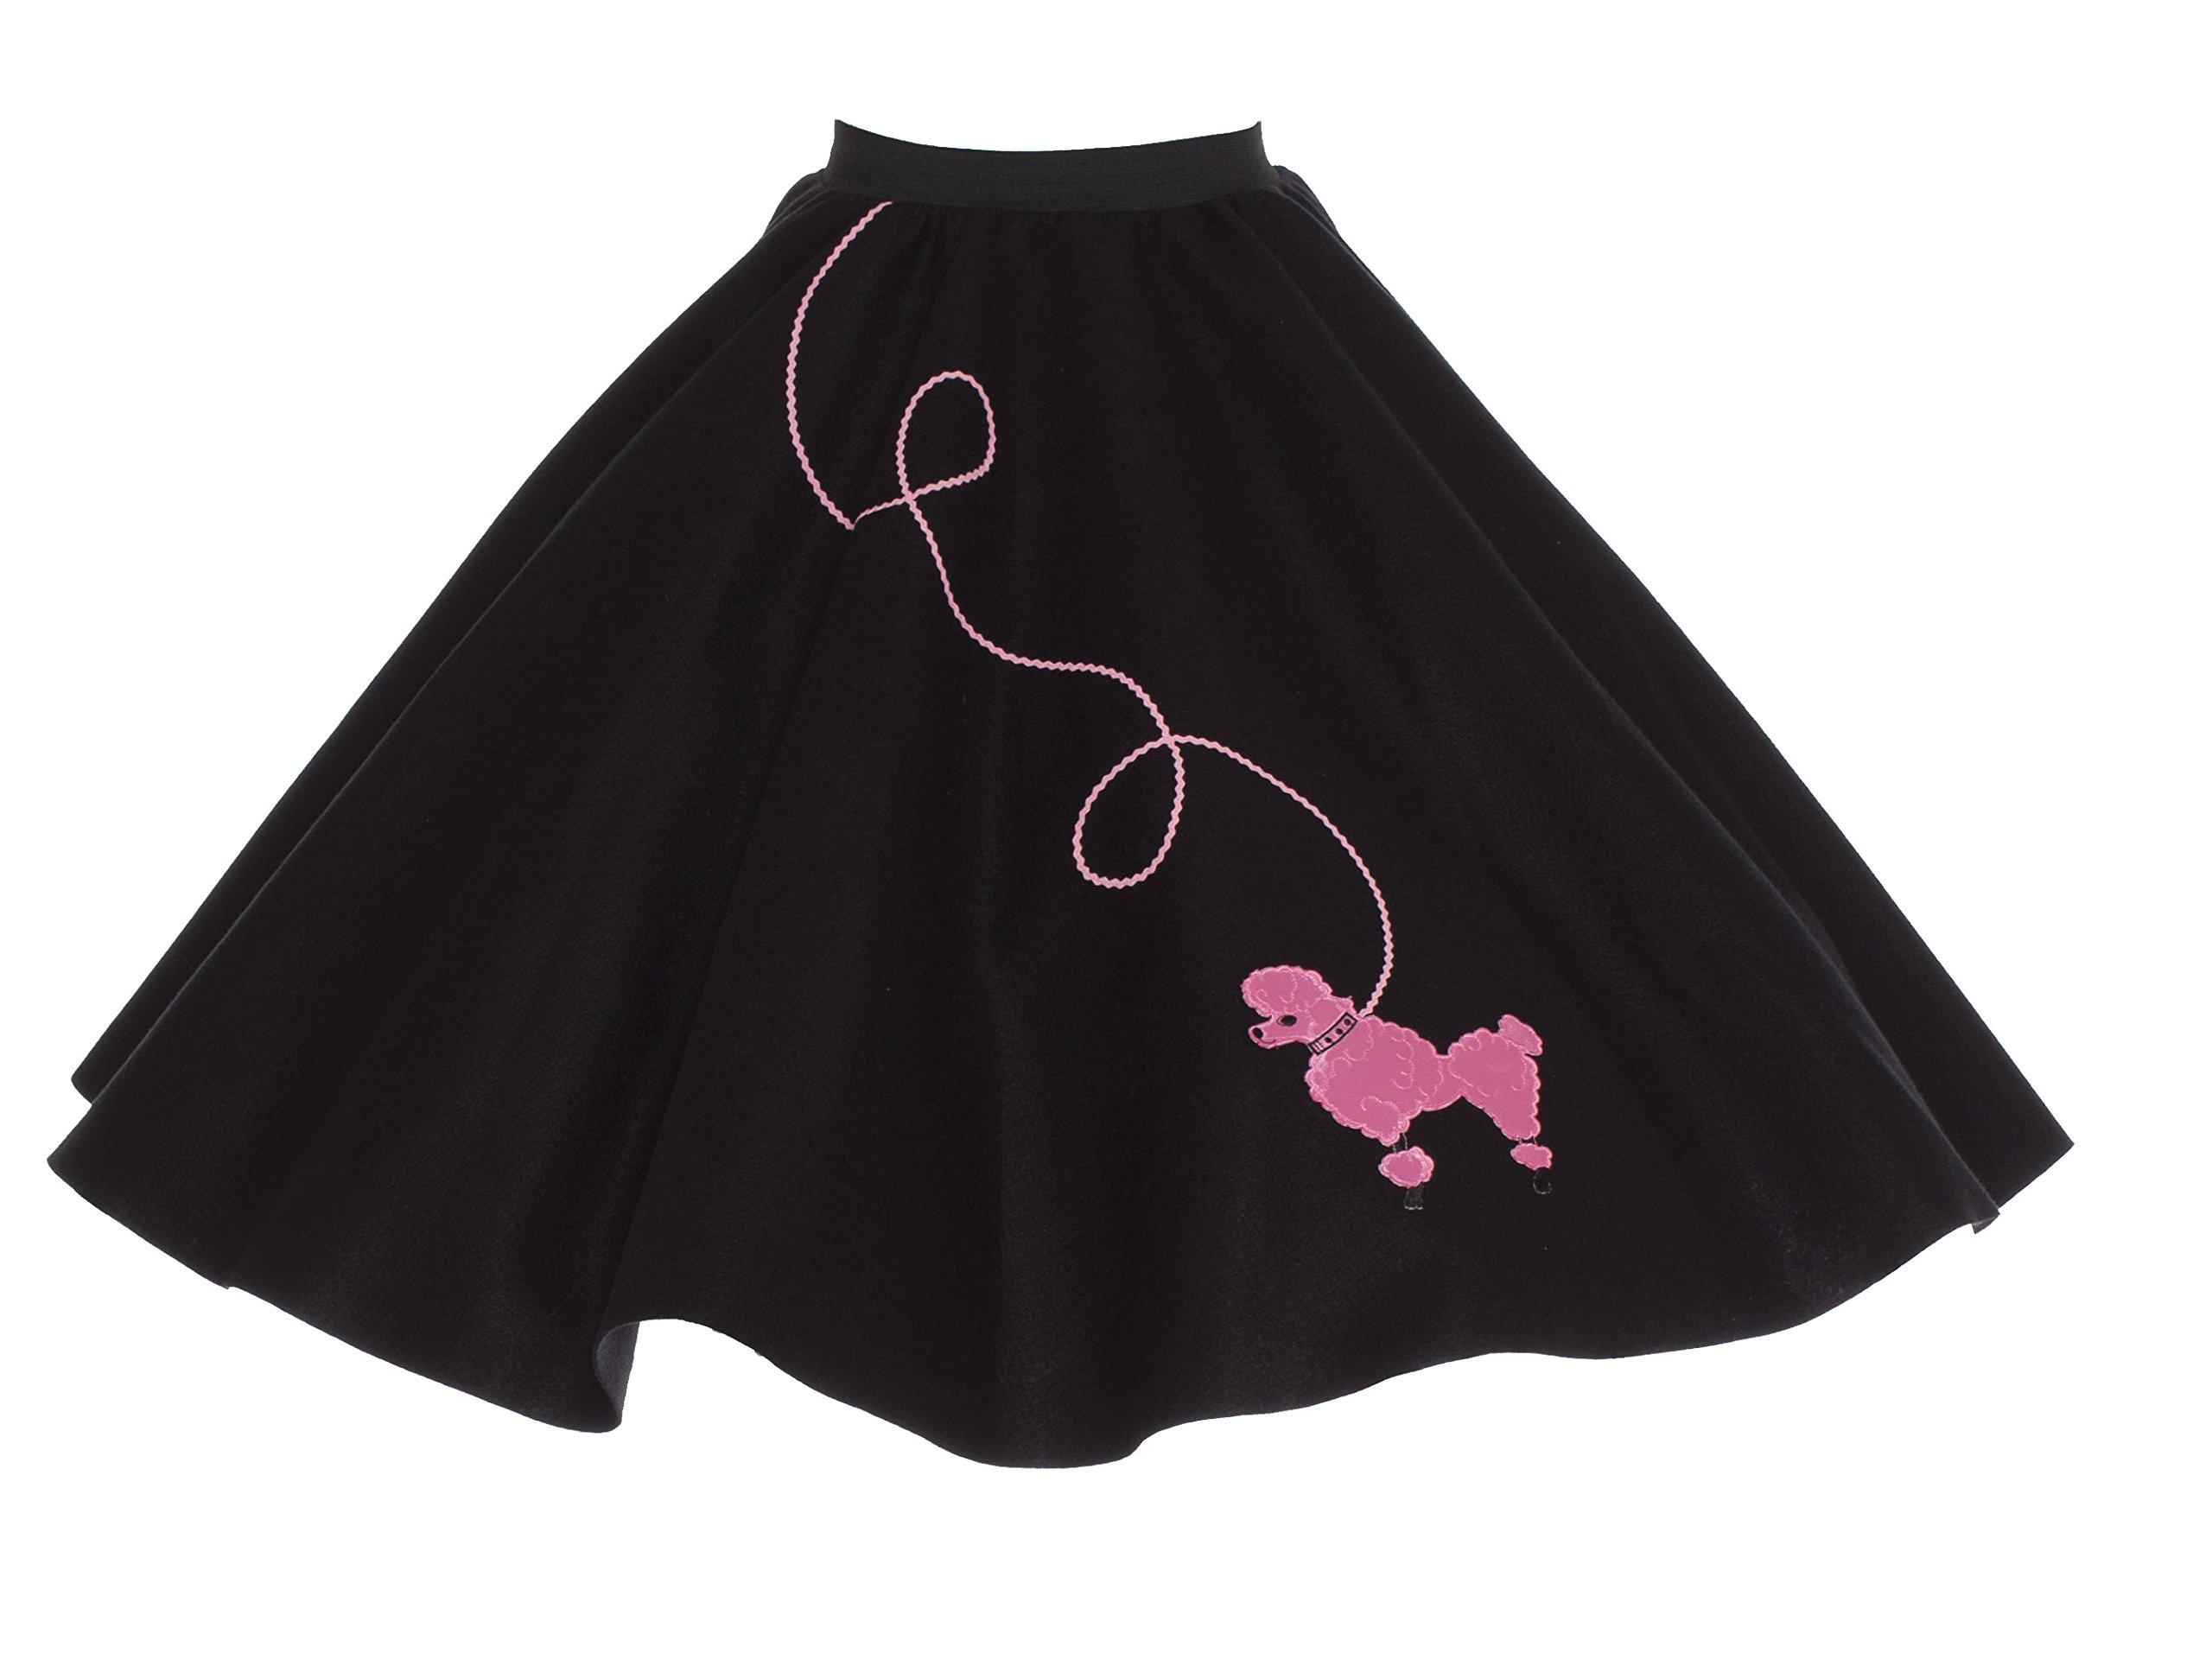 Hip Hop 50s Shop Adult 7 Piece Poodle Skirt Costume Set Black and Pink XLarge by Hip Hop 50s Shop (Image #6)